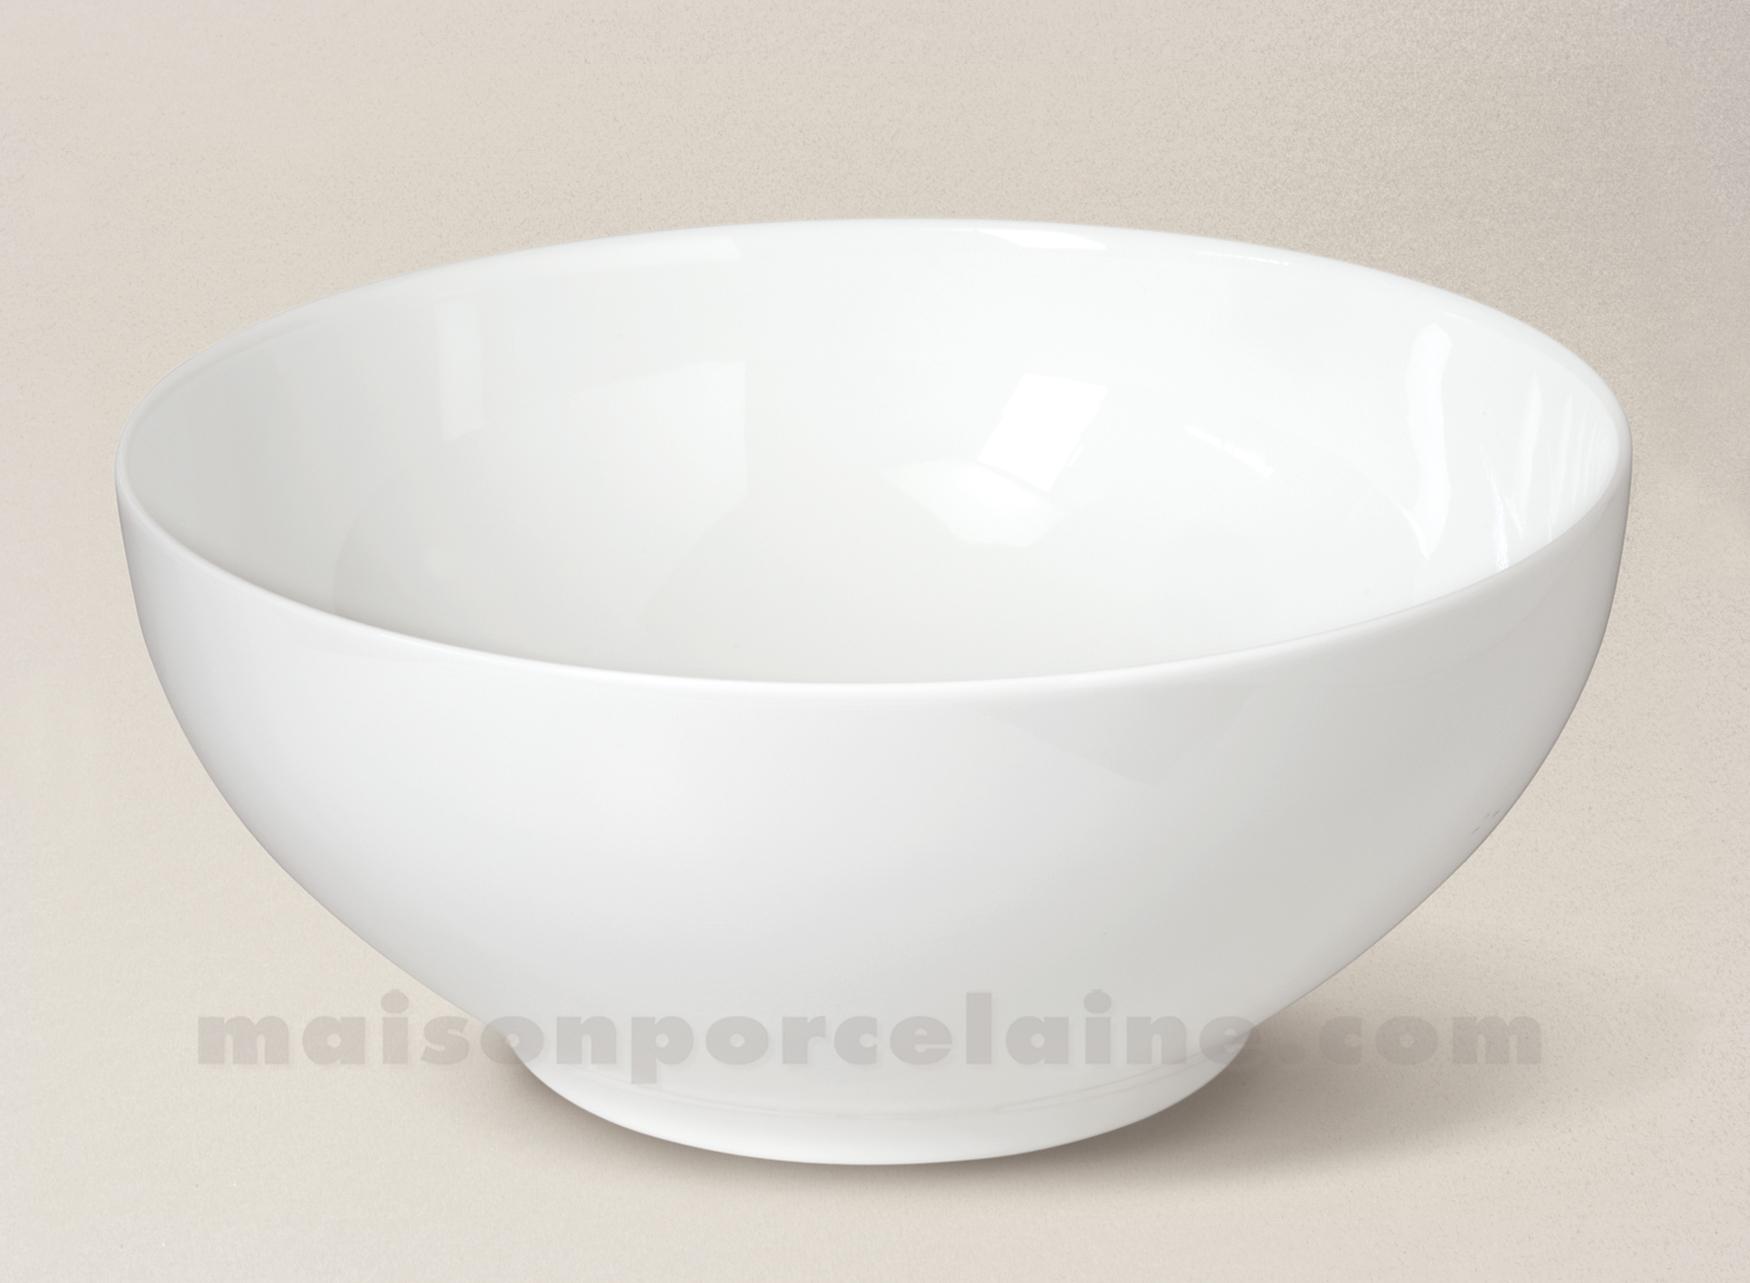 Saladier limoges porcelaine blanche empire d25 maison de - Saladier porcelaine blanche ...